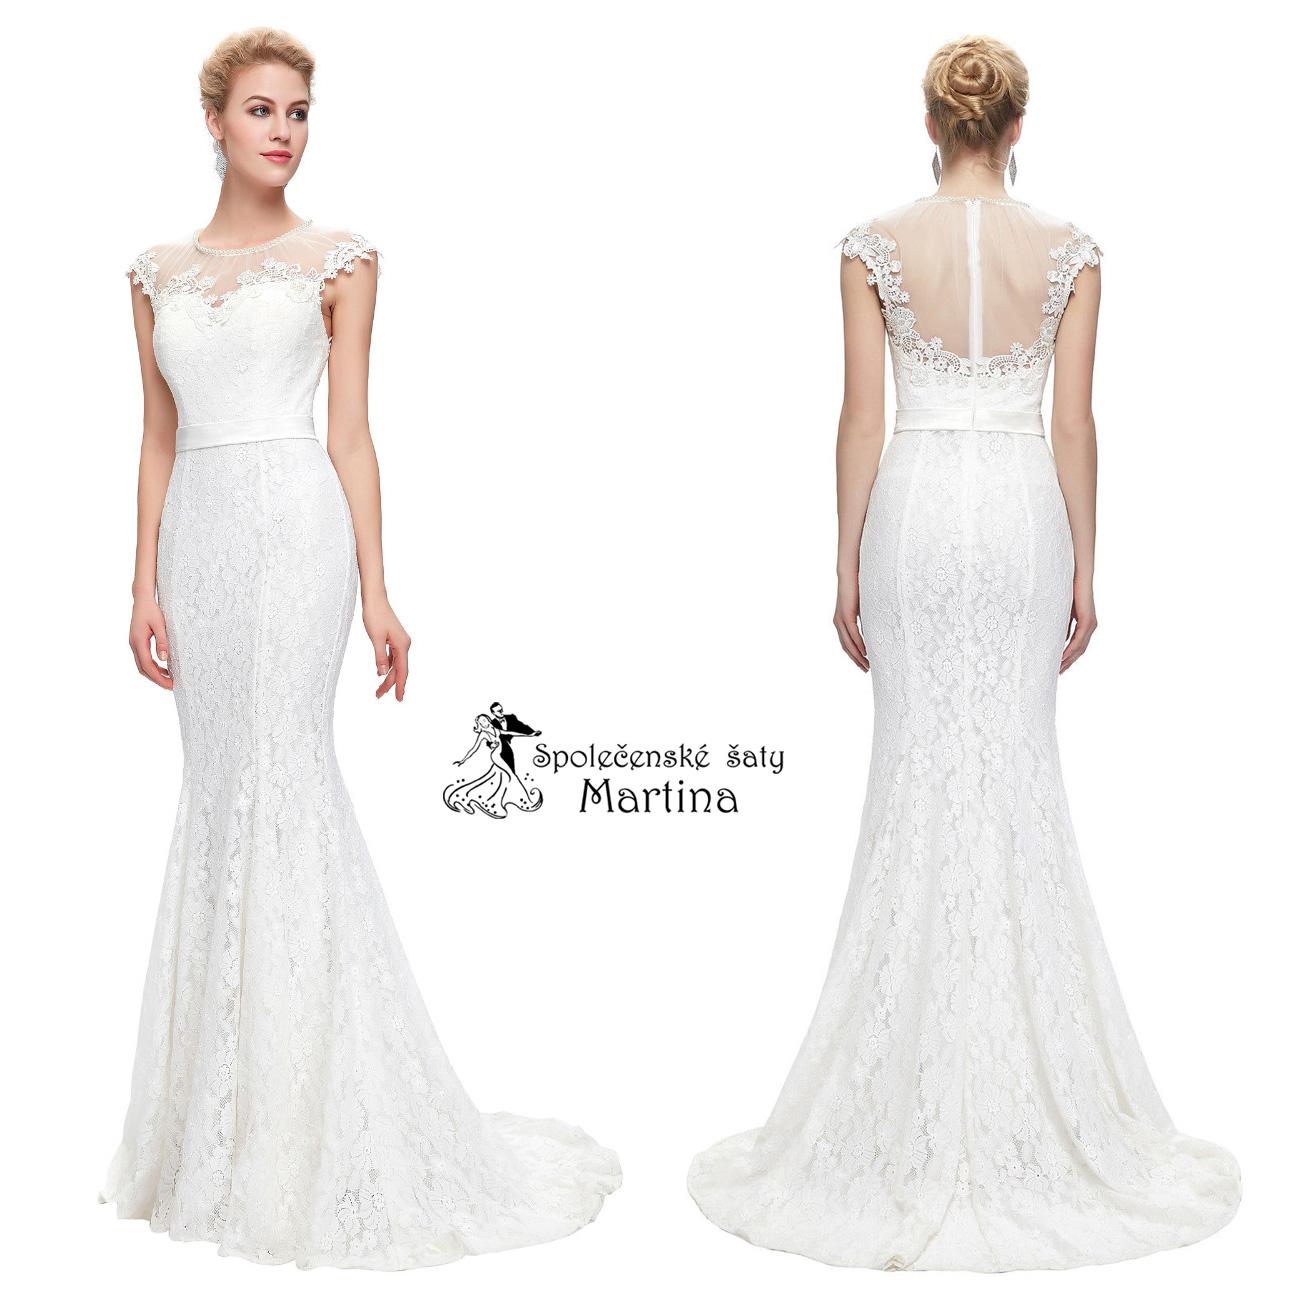 2a4b984f38fb Svatební šaty a doplňky